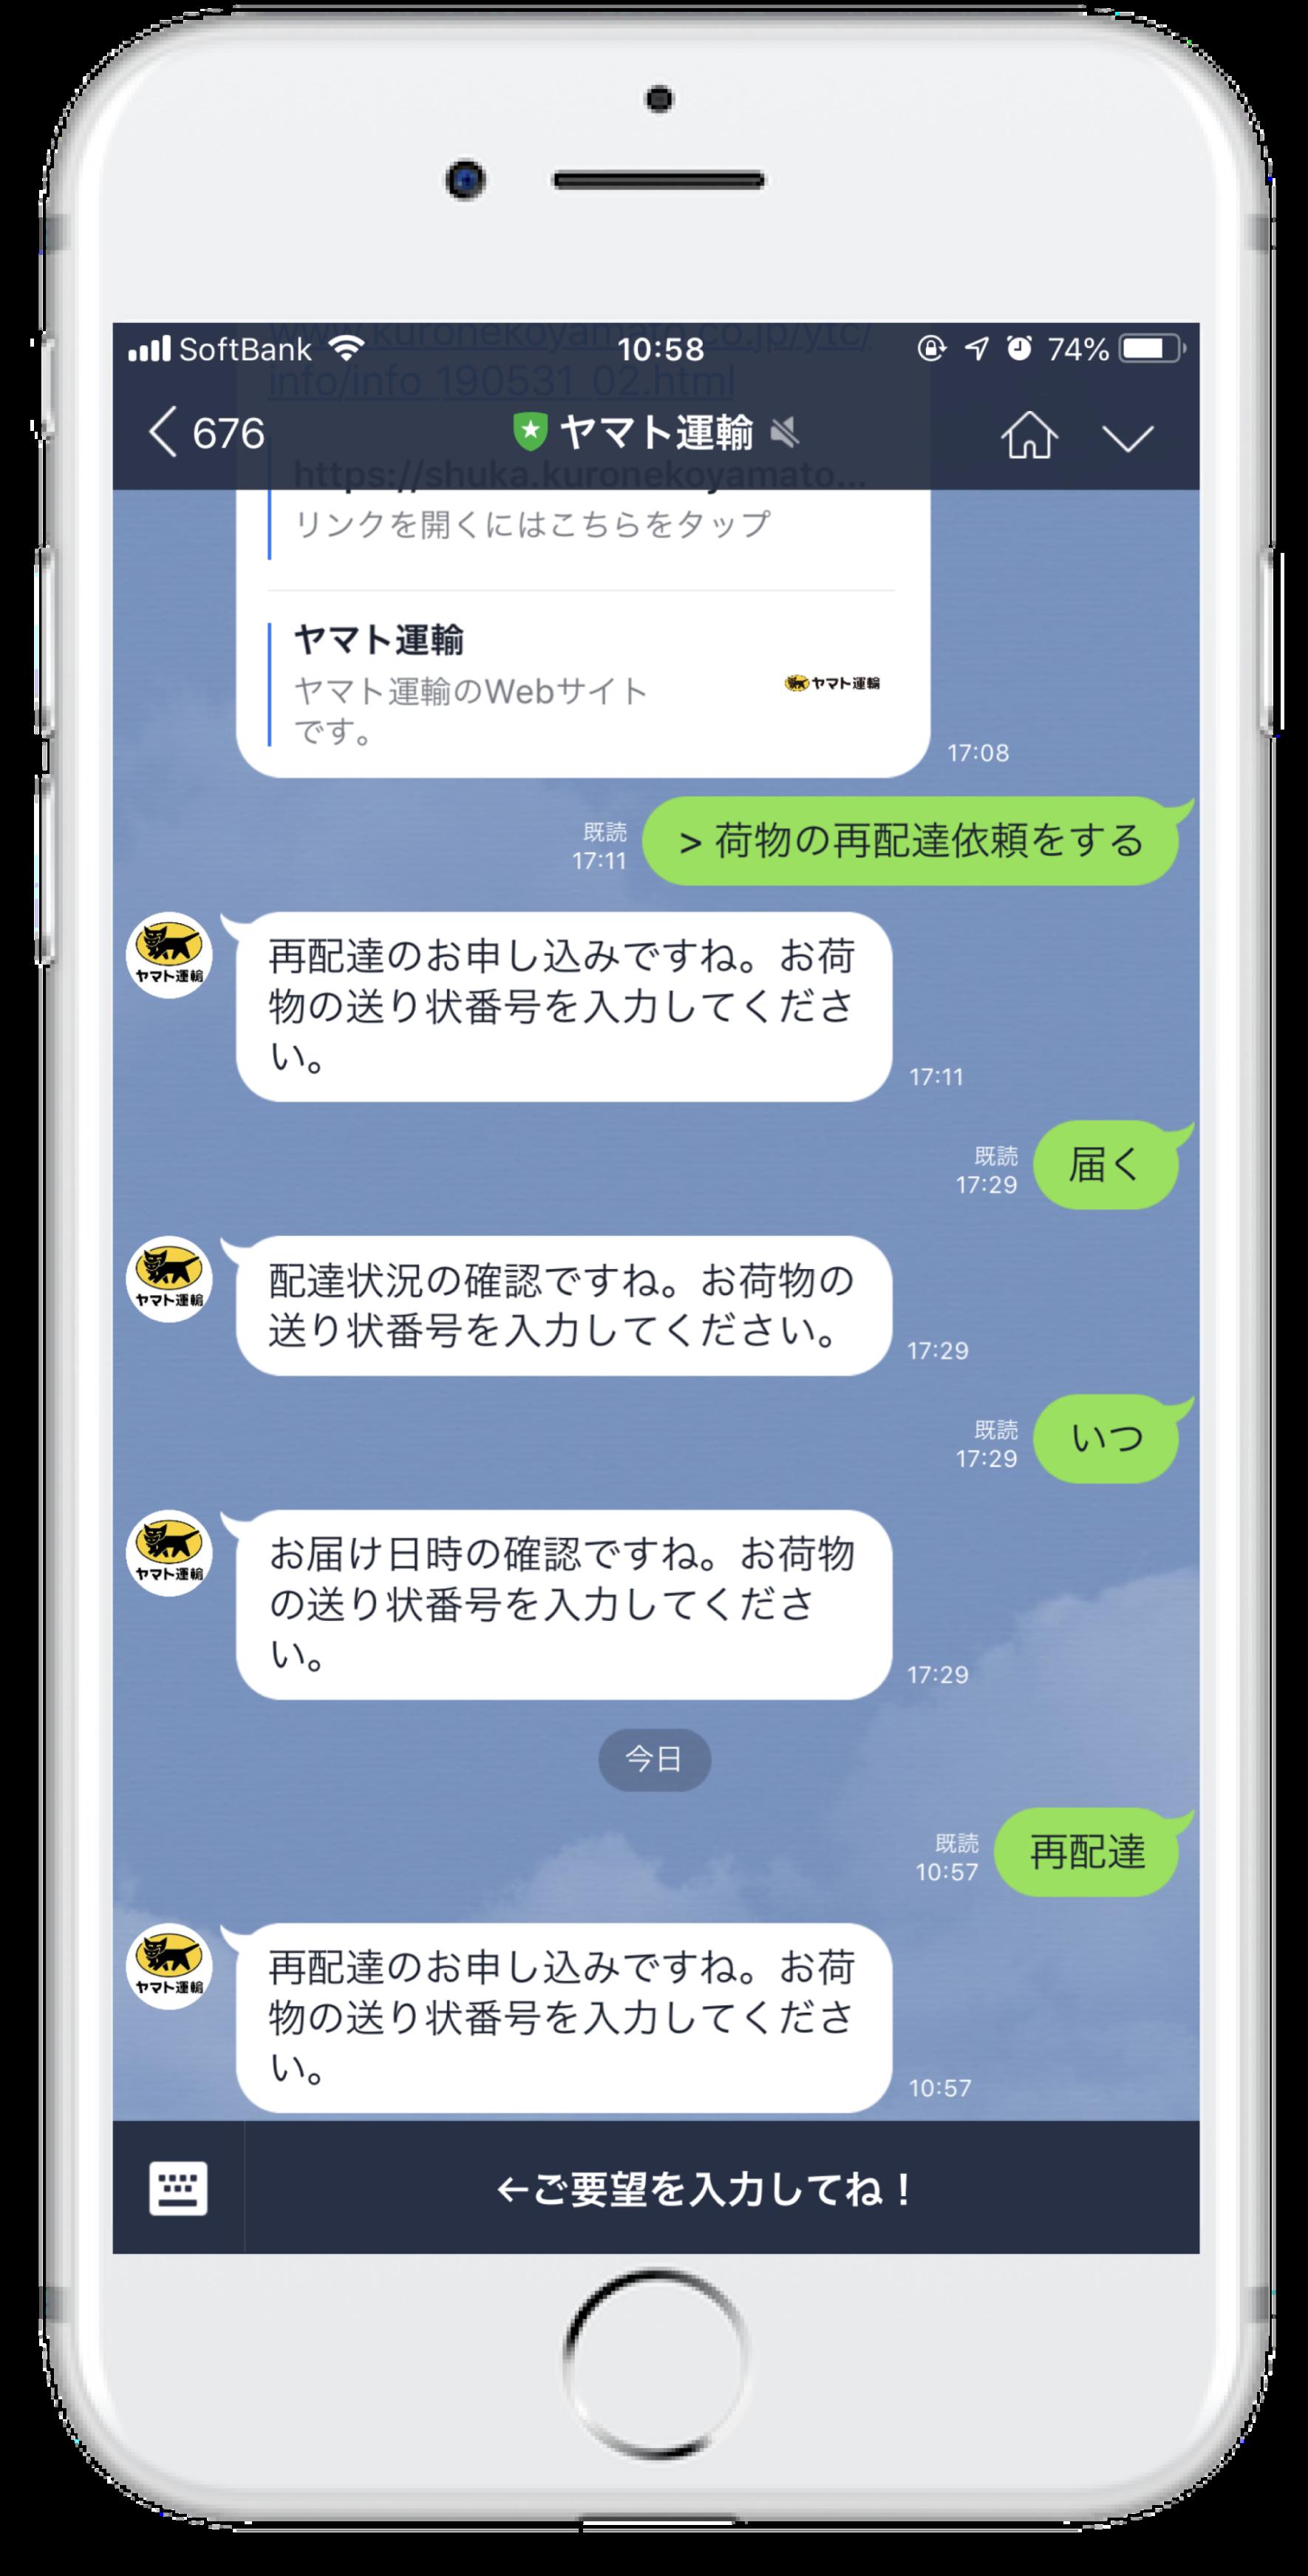 ミニアプリ活用事例ヤマト運輸編4